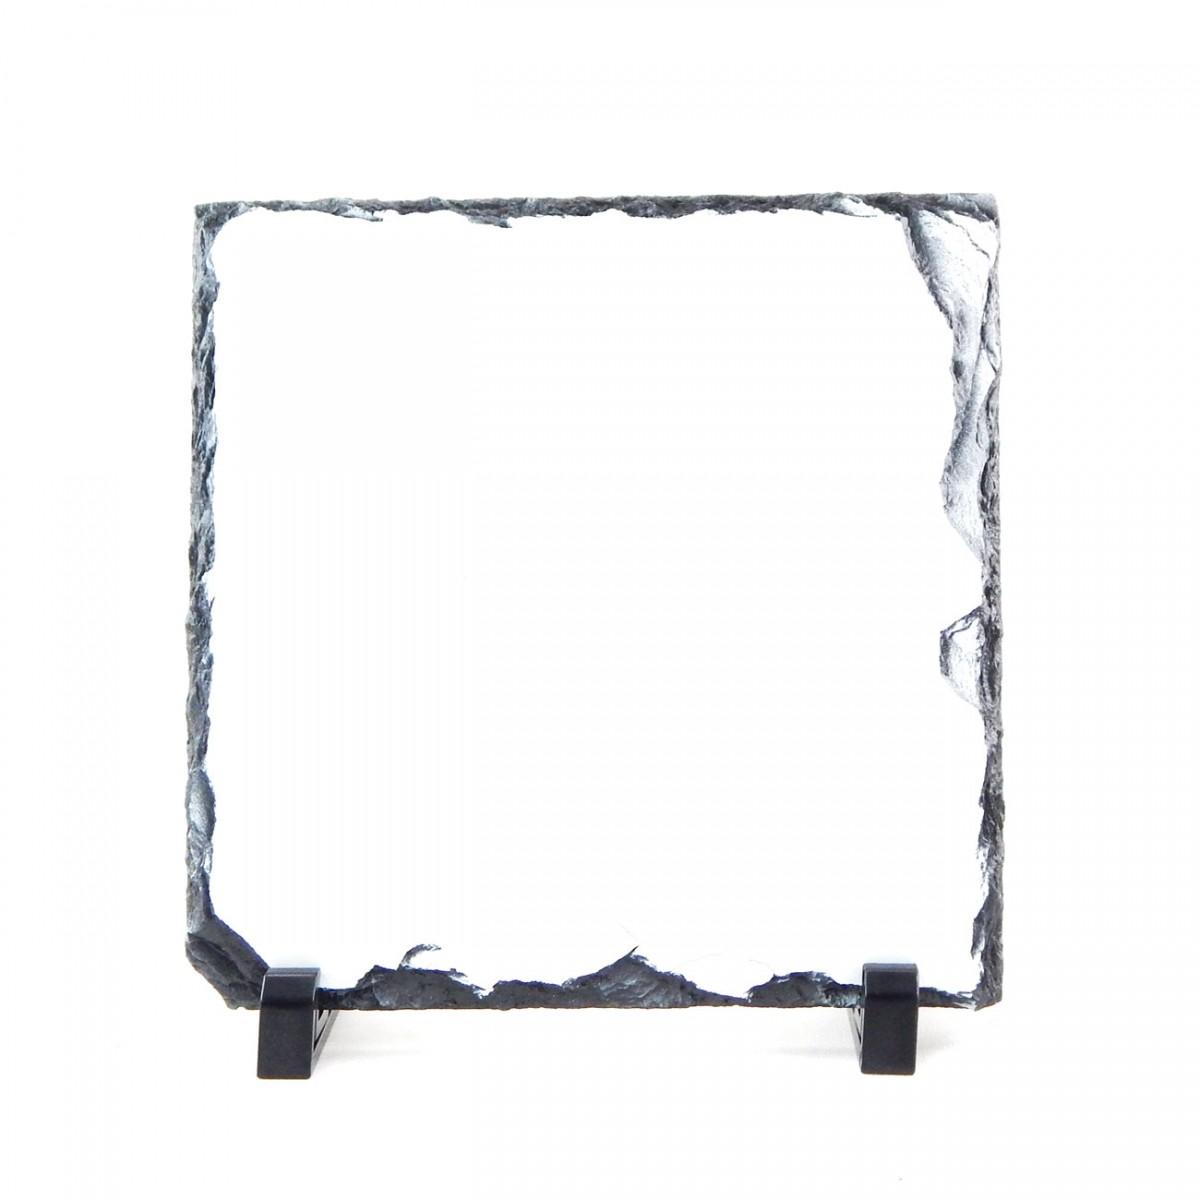 Pedra Para Sublimação Quadrada - 18,5 x 18,5cm SH-25